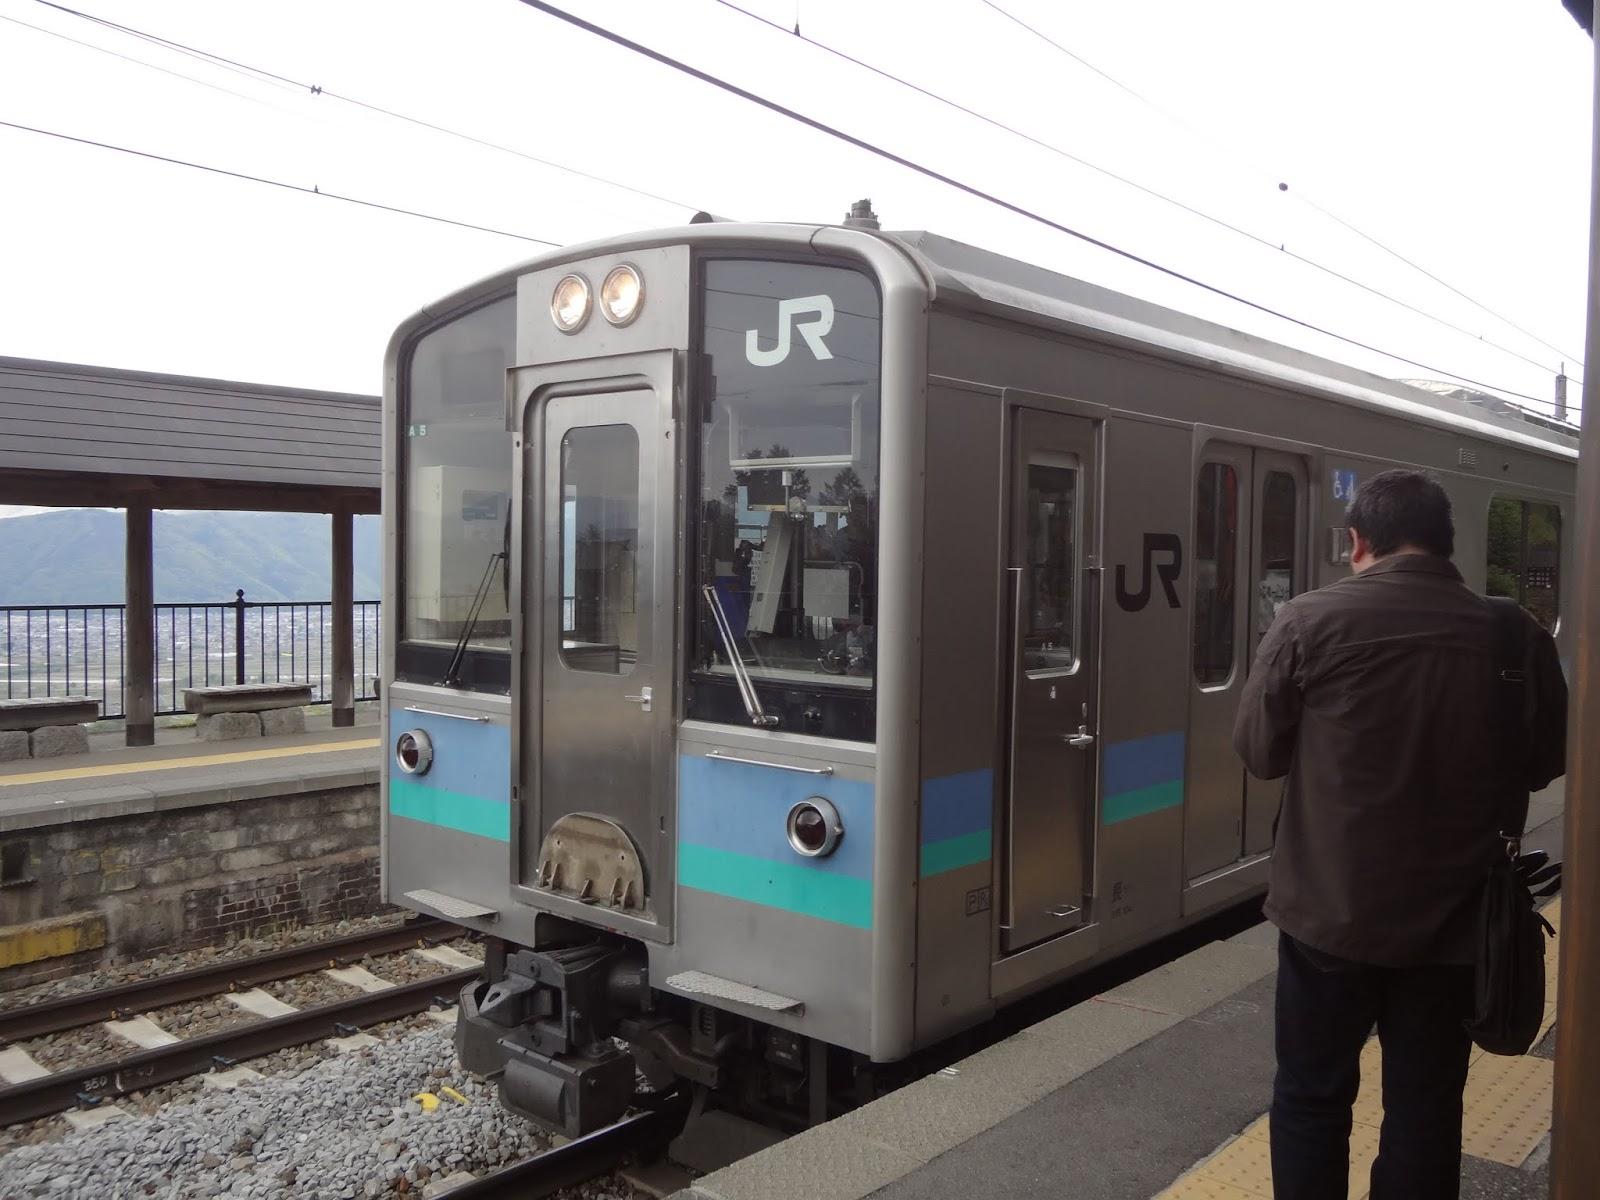 14:08 長野行きに乗車